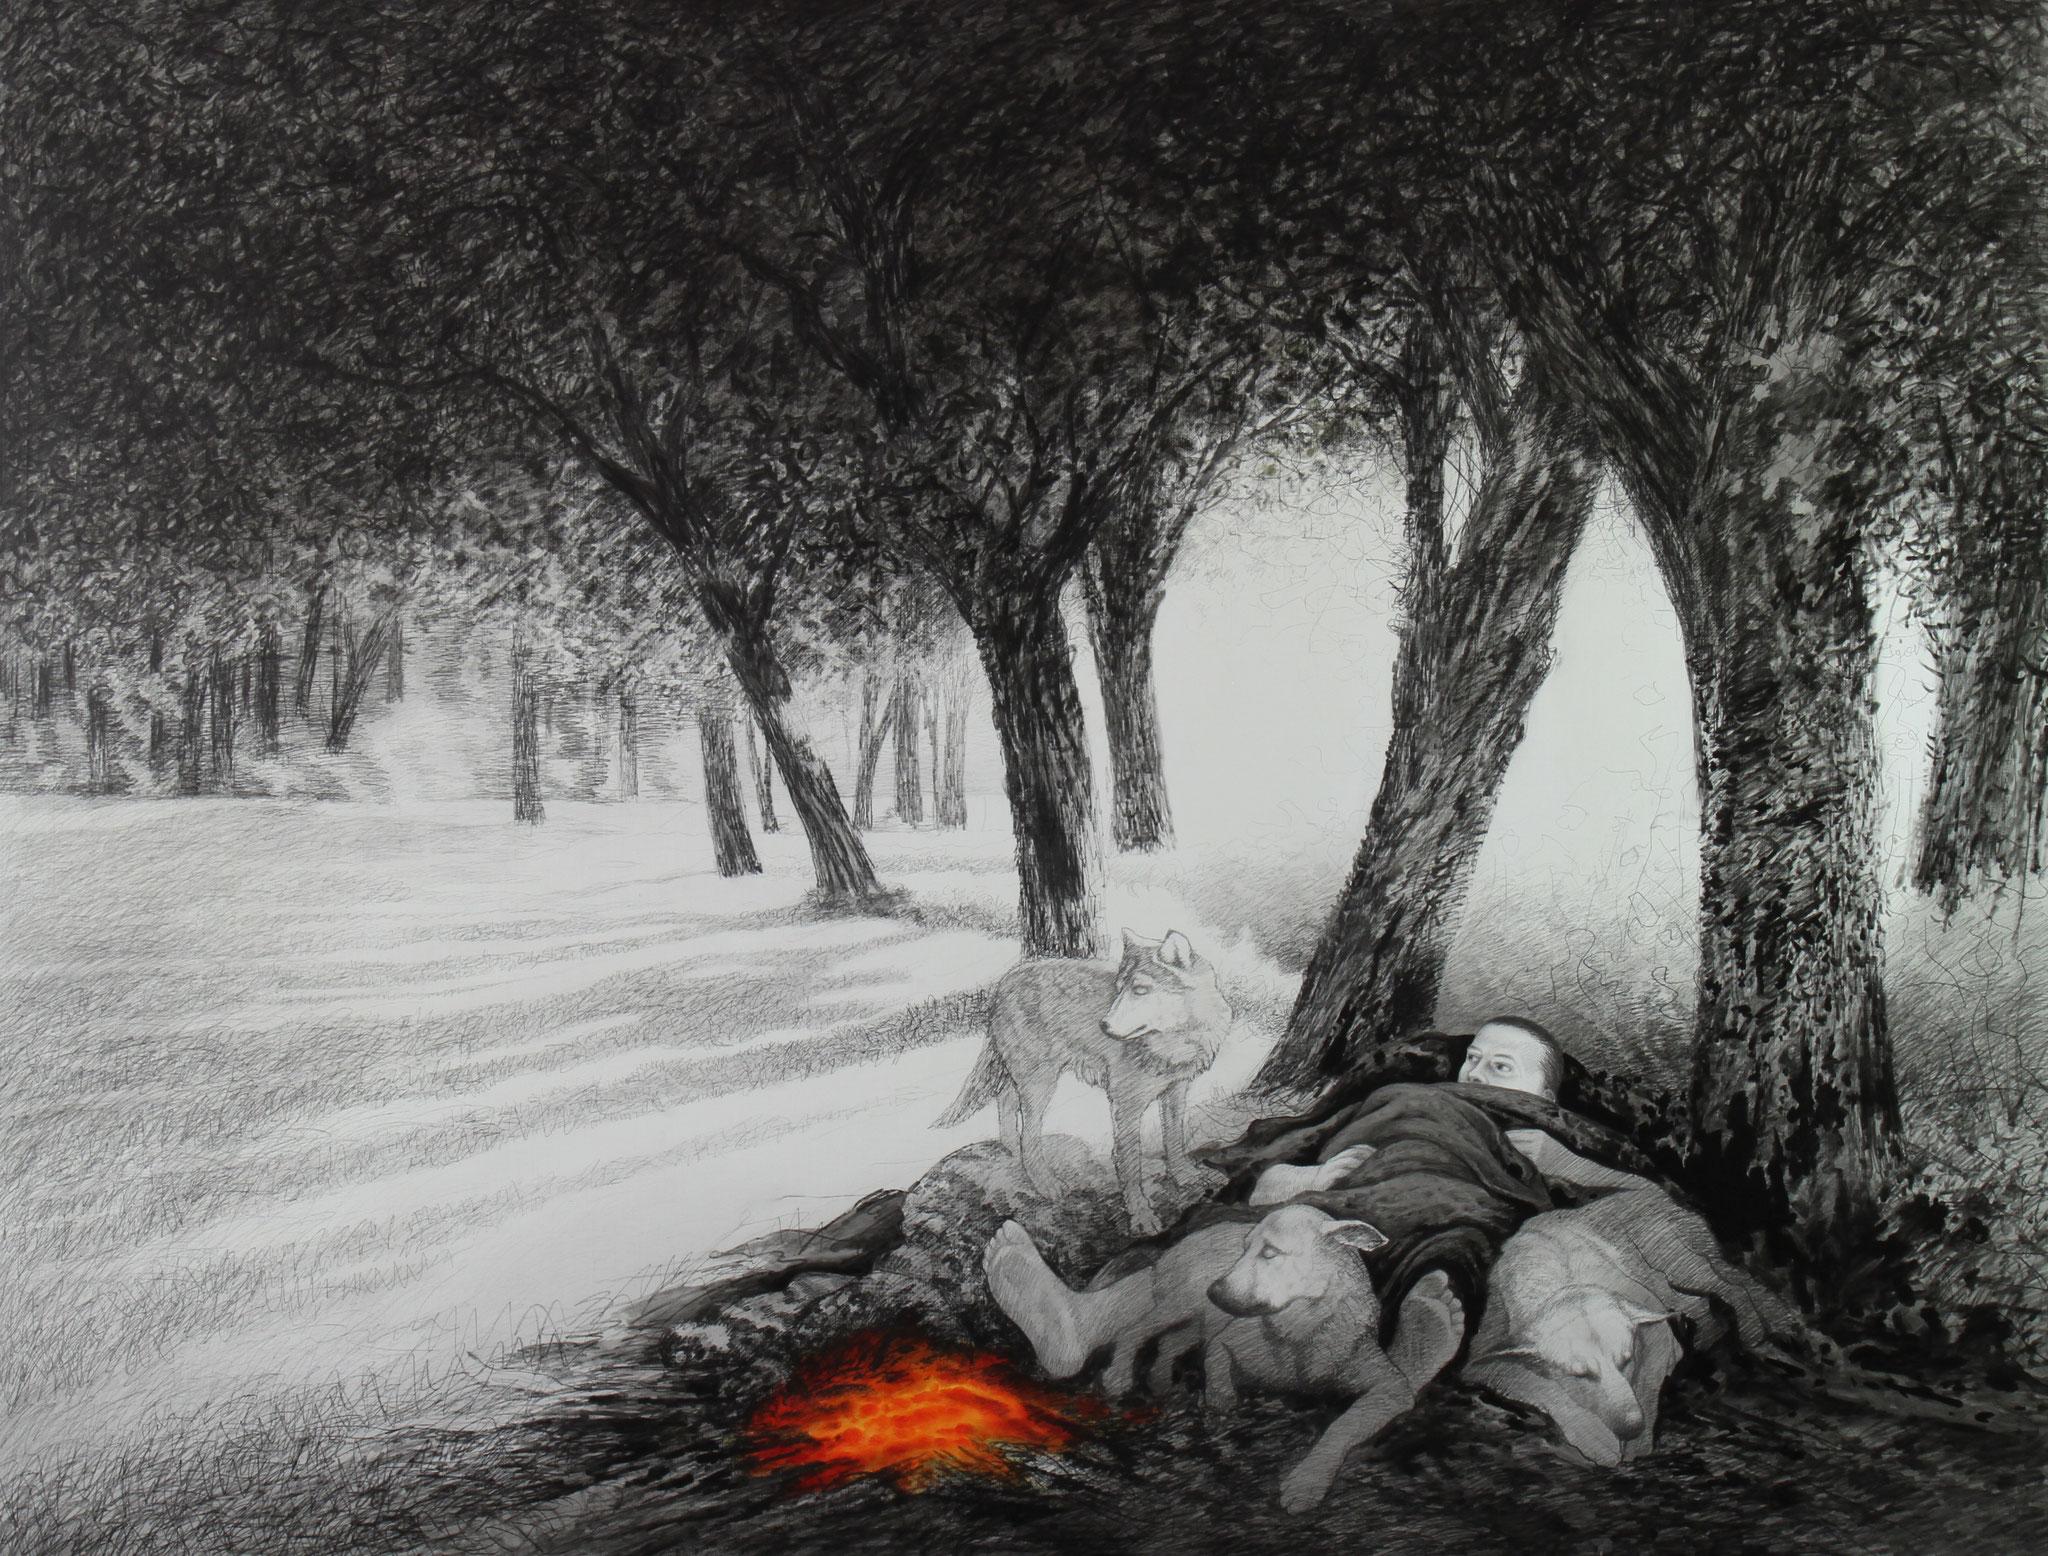 Weiße Nacht, 2016, Bleistift & Öl auf Leinwand, 240cm x 190cm